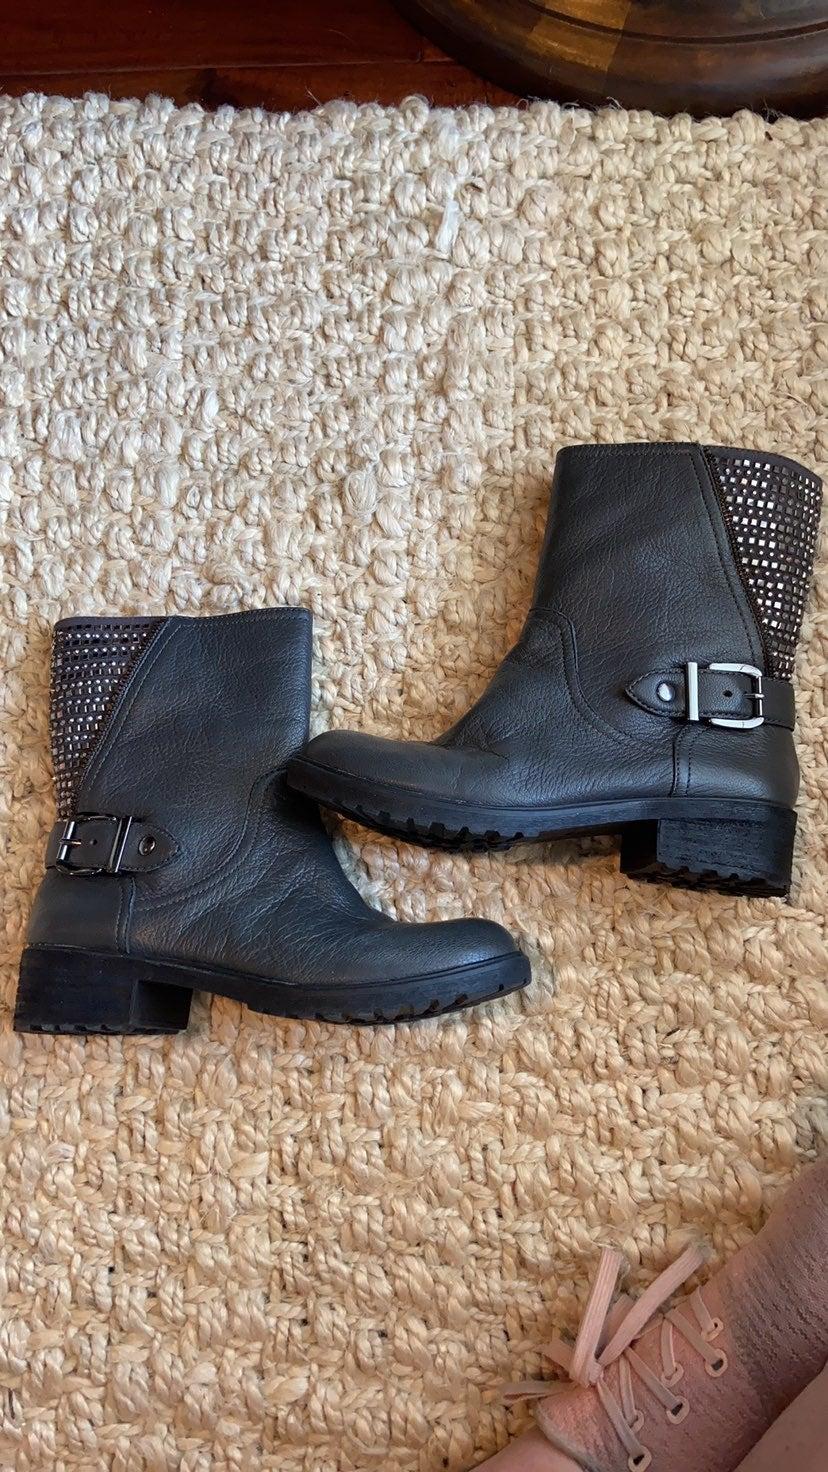 NEW in box Gianni Bini Bling Boots coal